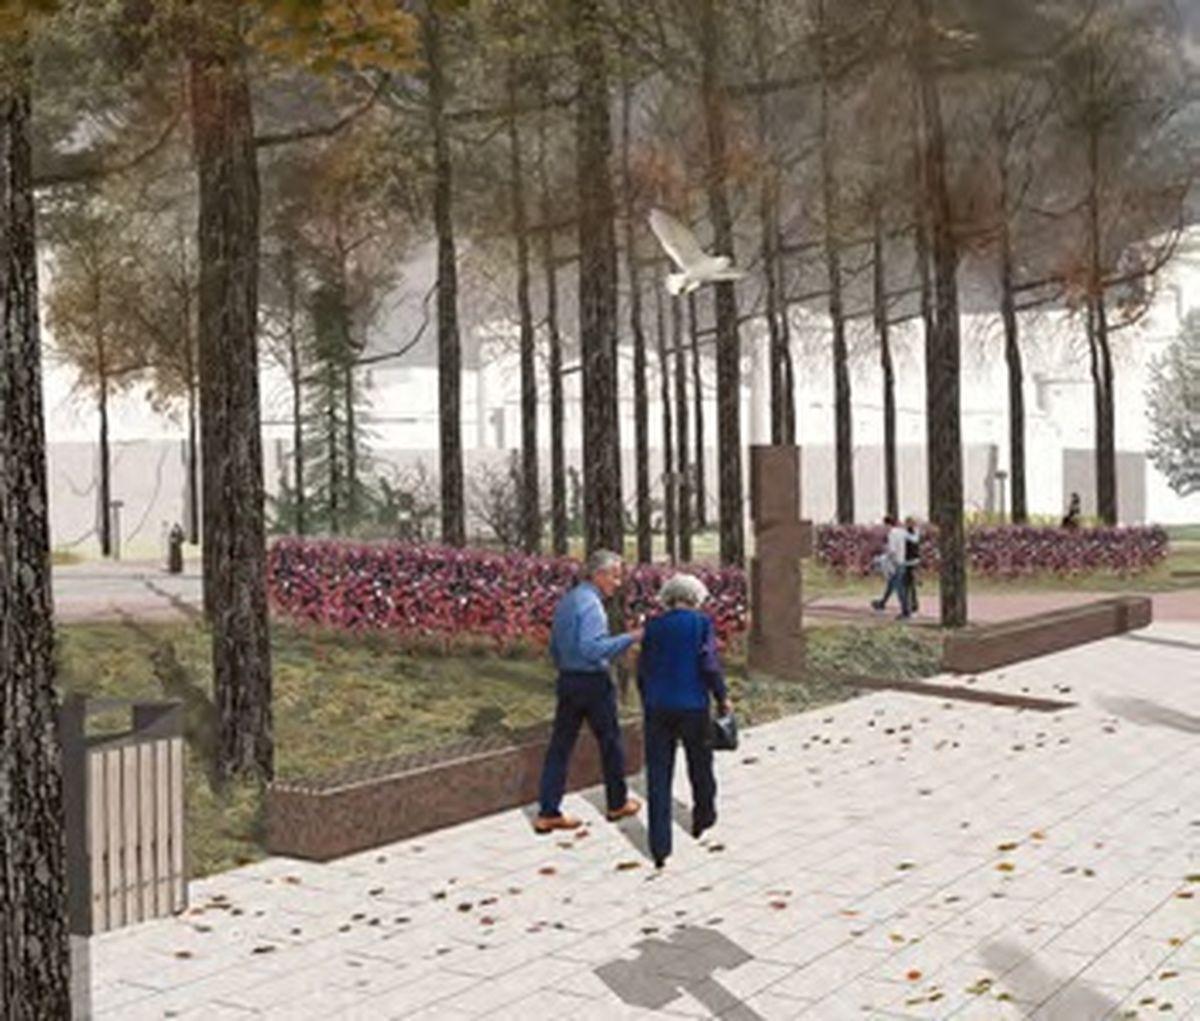 Какие парки и скверы благоустроят в 2018 году в Нижнем Новгороде? - фото 20